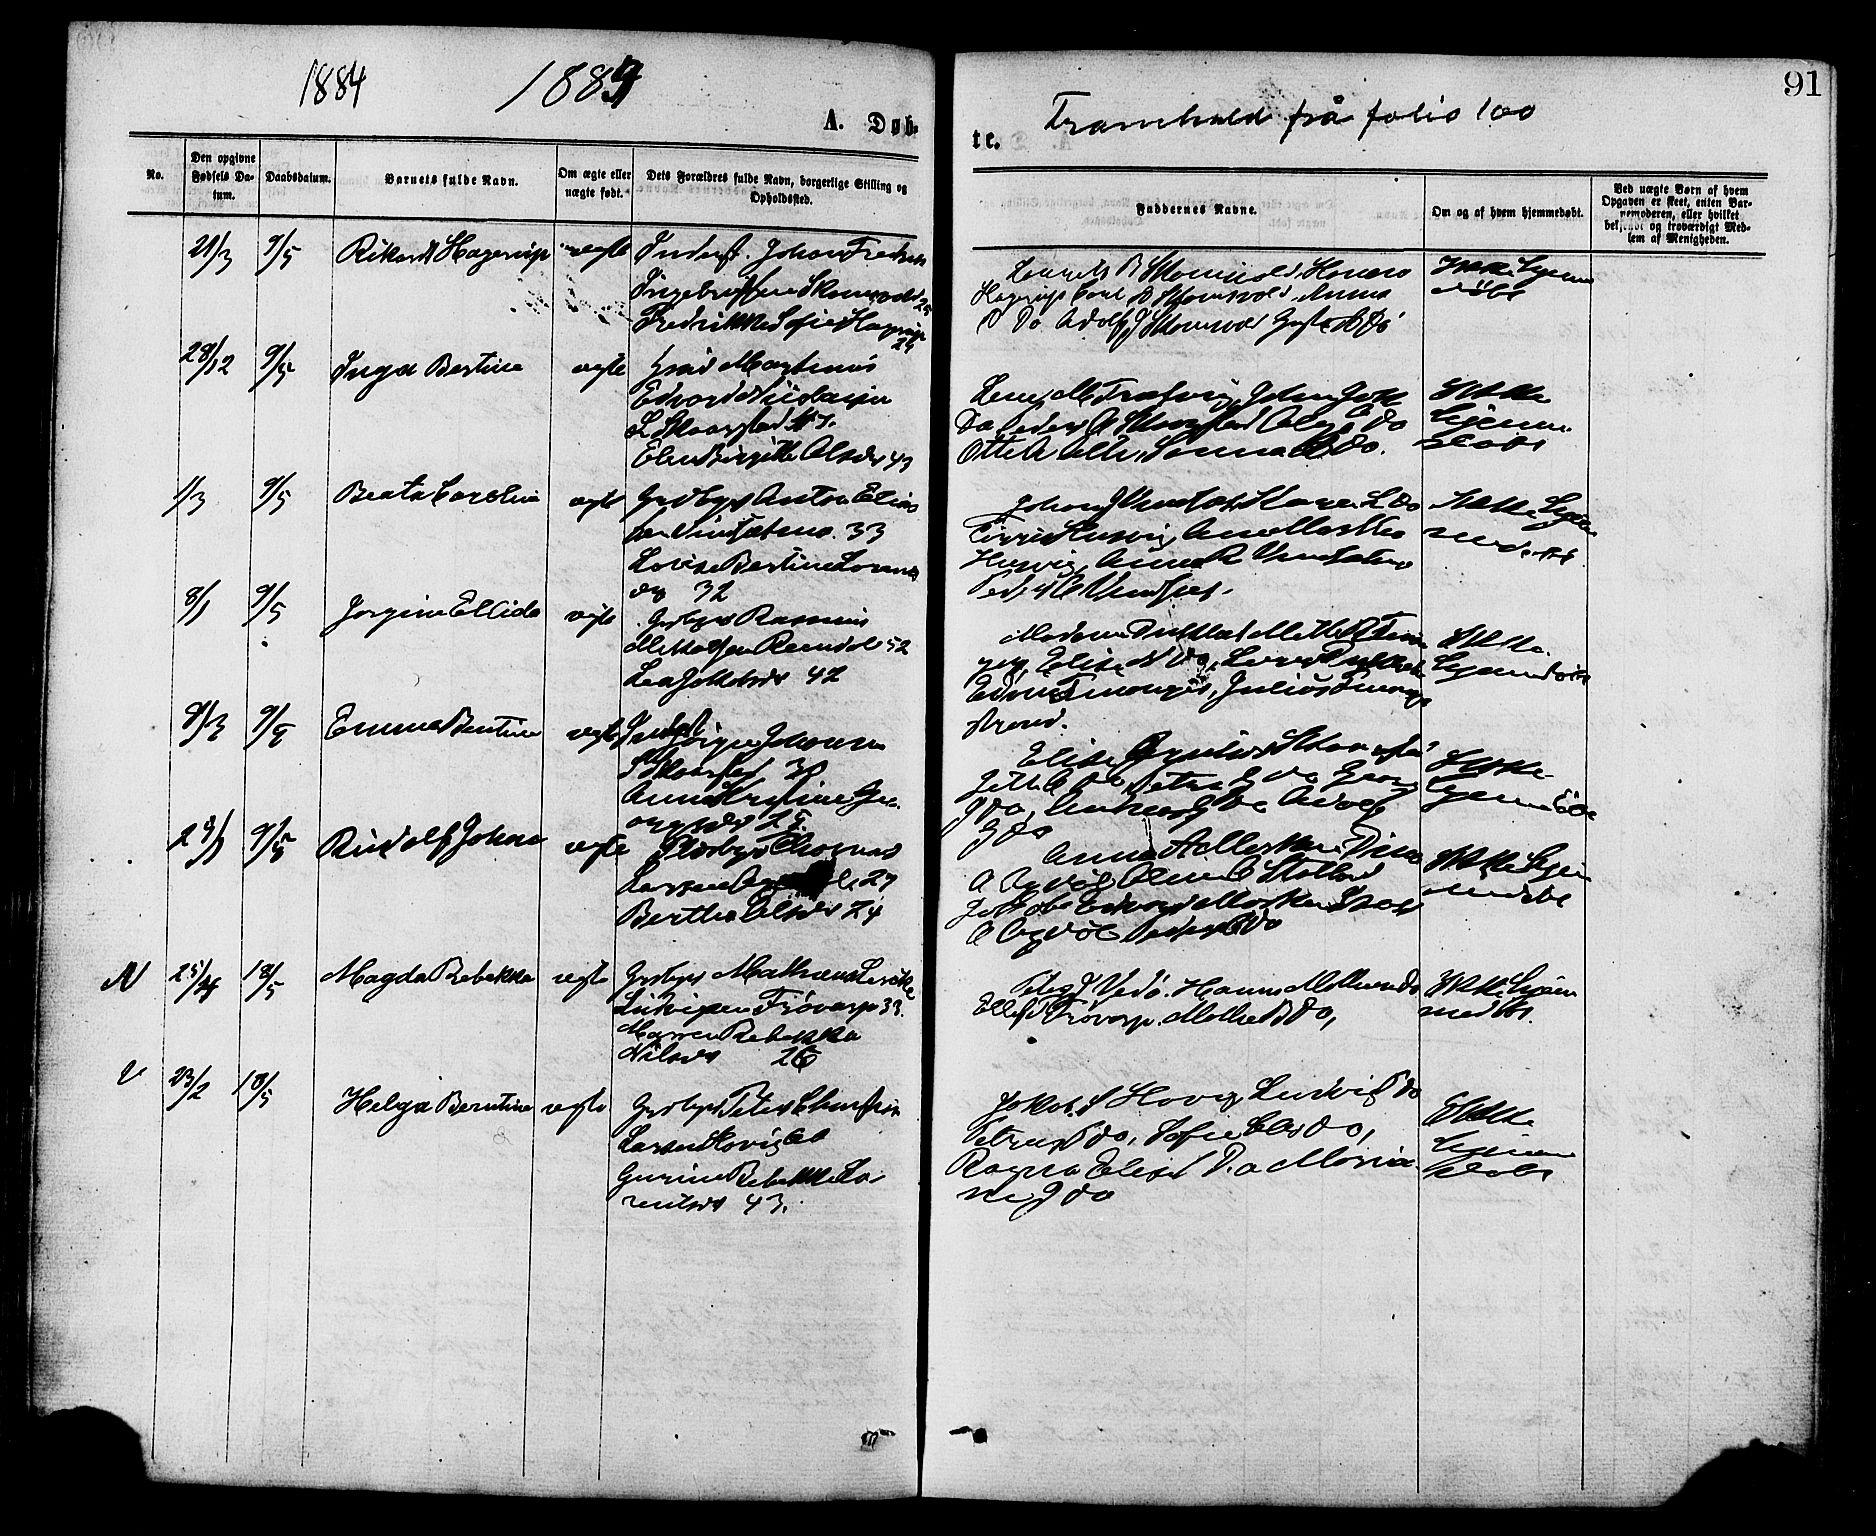 SAT, Ministerialprotokoller, klokkerbøker og fødselsregistre - Nord-Trøndelag, 773/L0616: Ministerialbok nr. 773A07, 1870-1887, s. 91